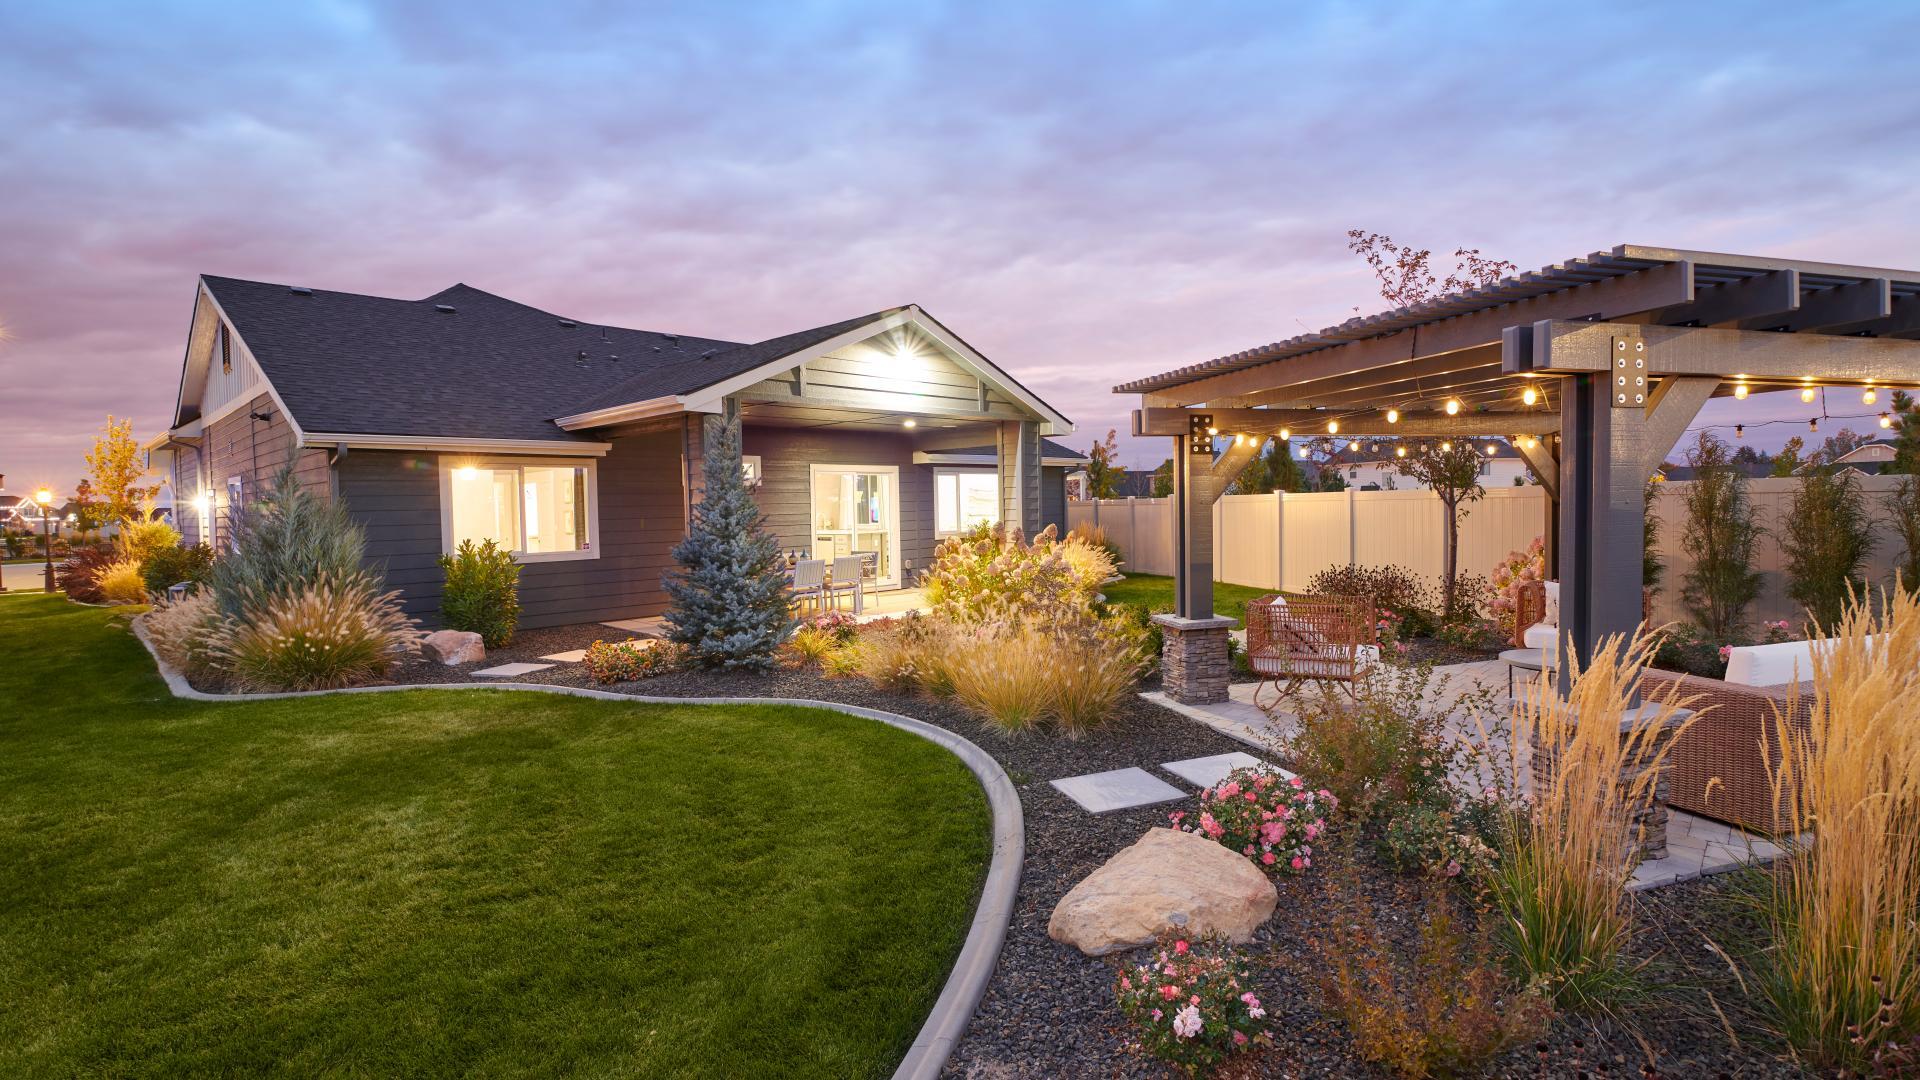 Elliot backyard - Garden Collection